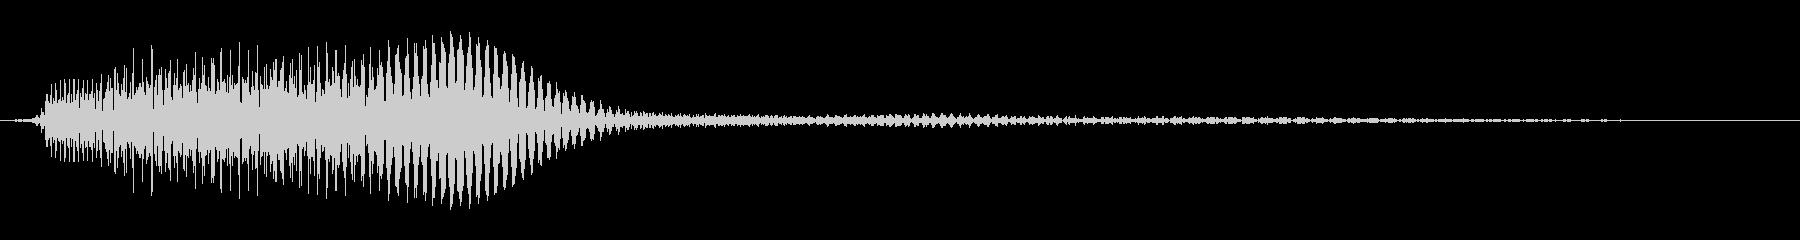 フィイン。 デジタル音。の未再生の波形